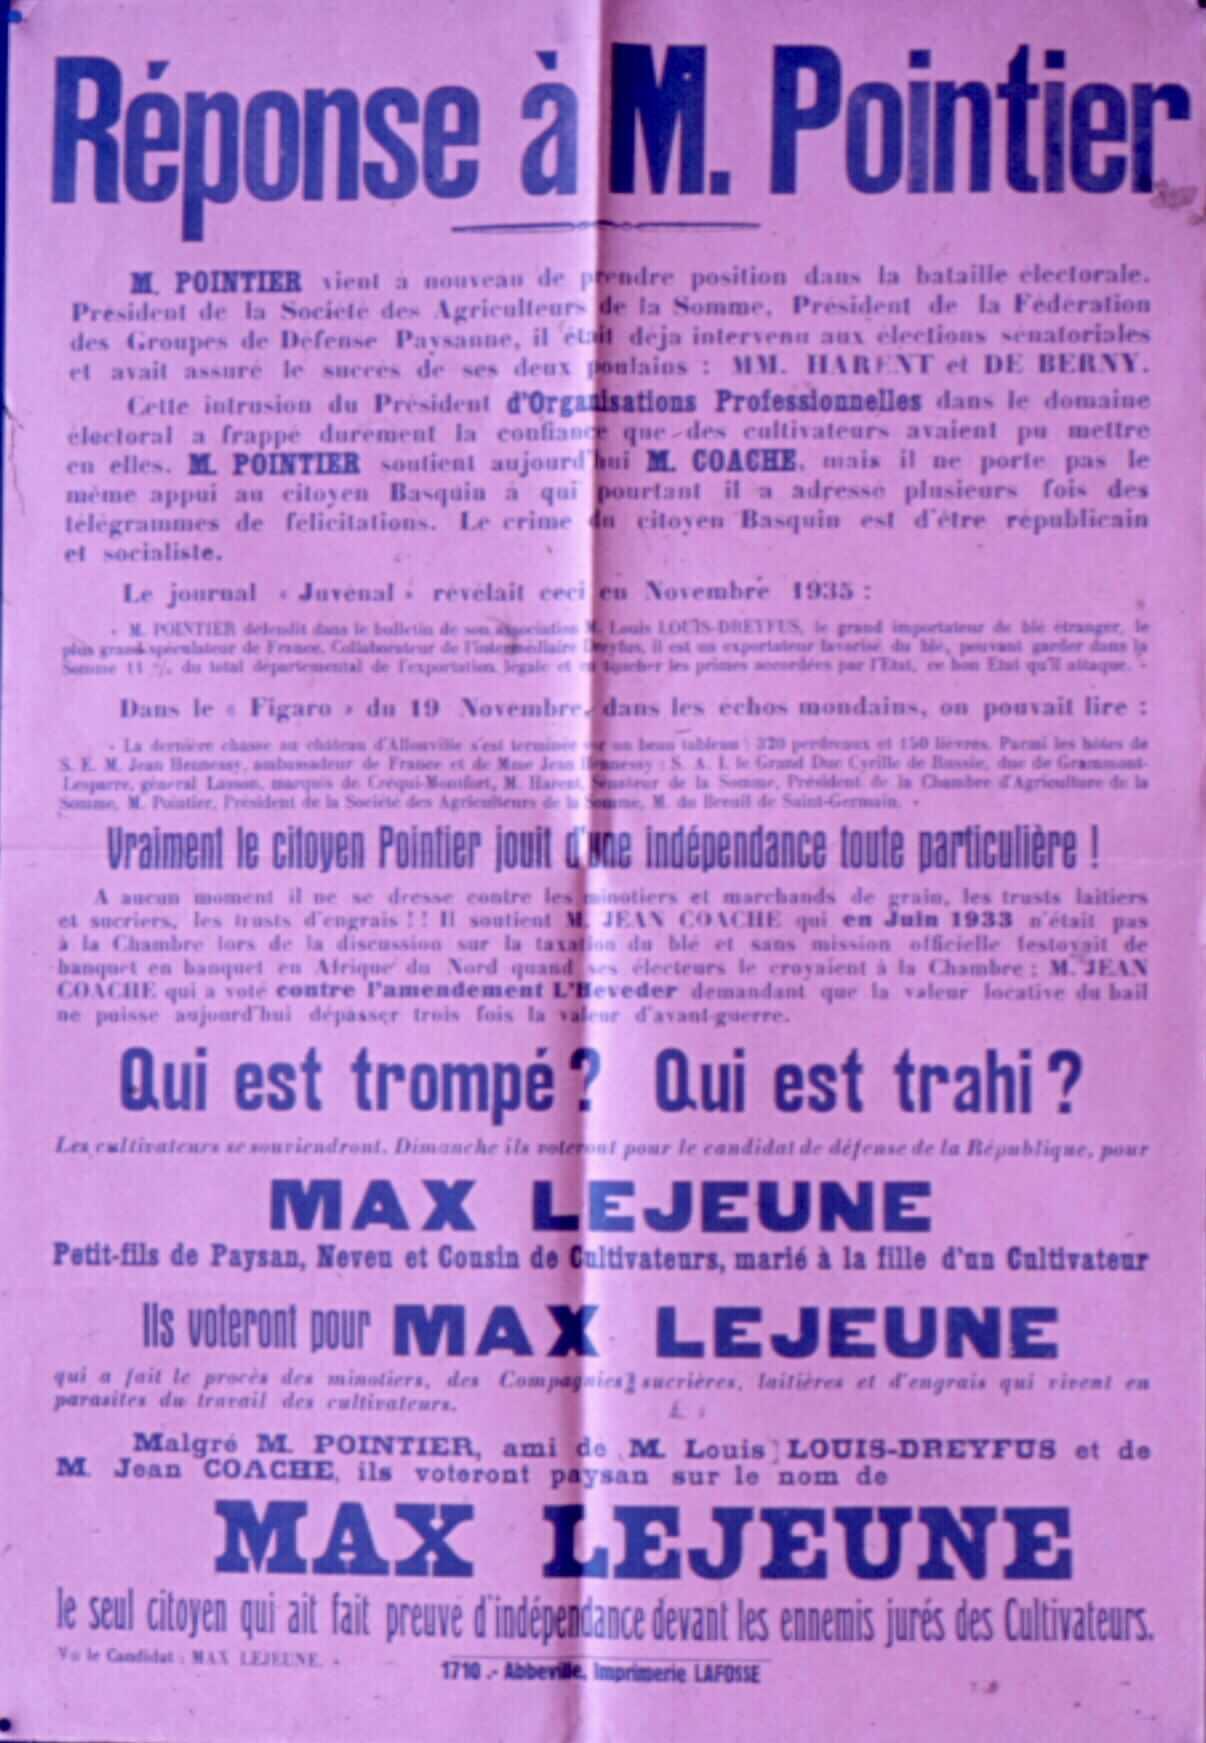 Réponse à M. Pointier... Max Lejeune